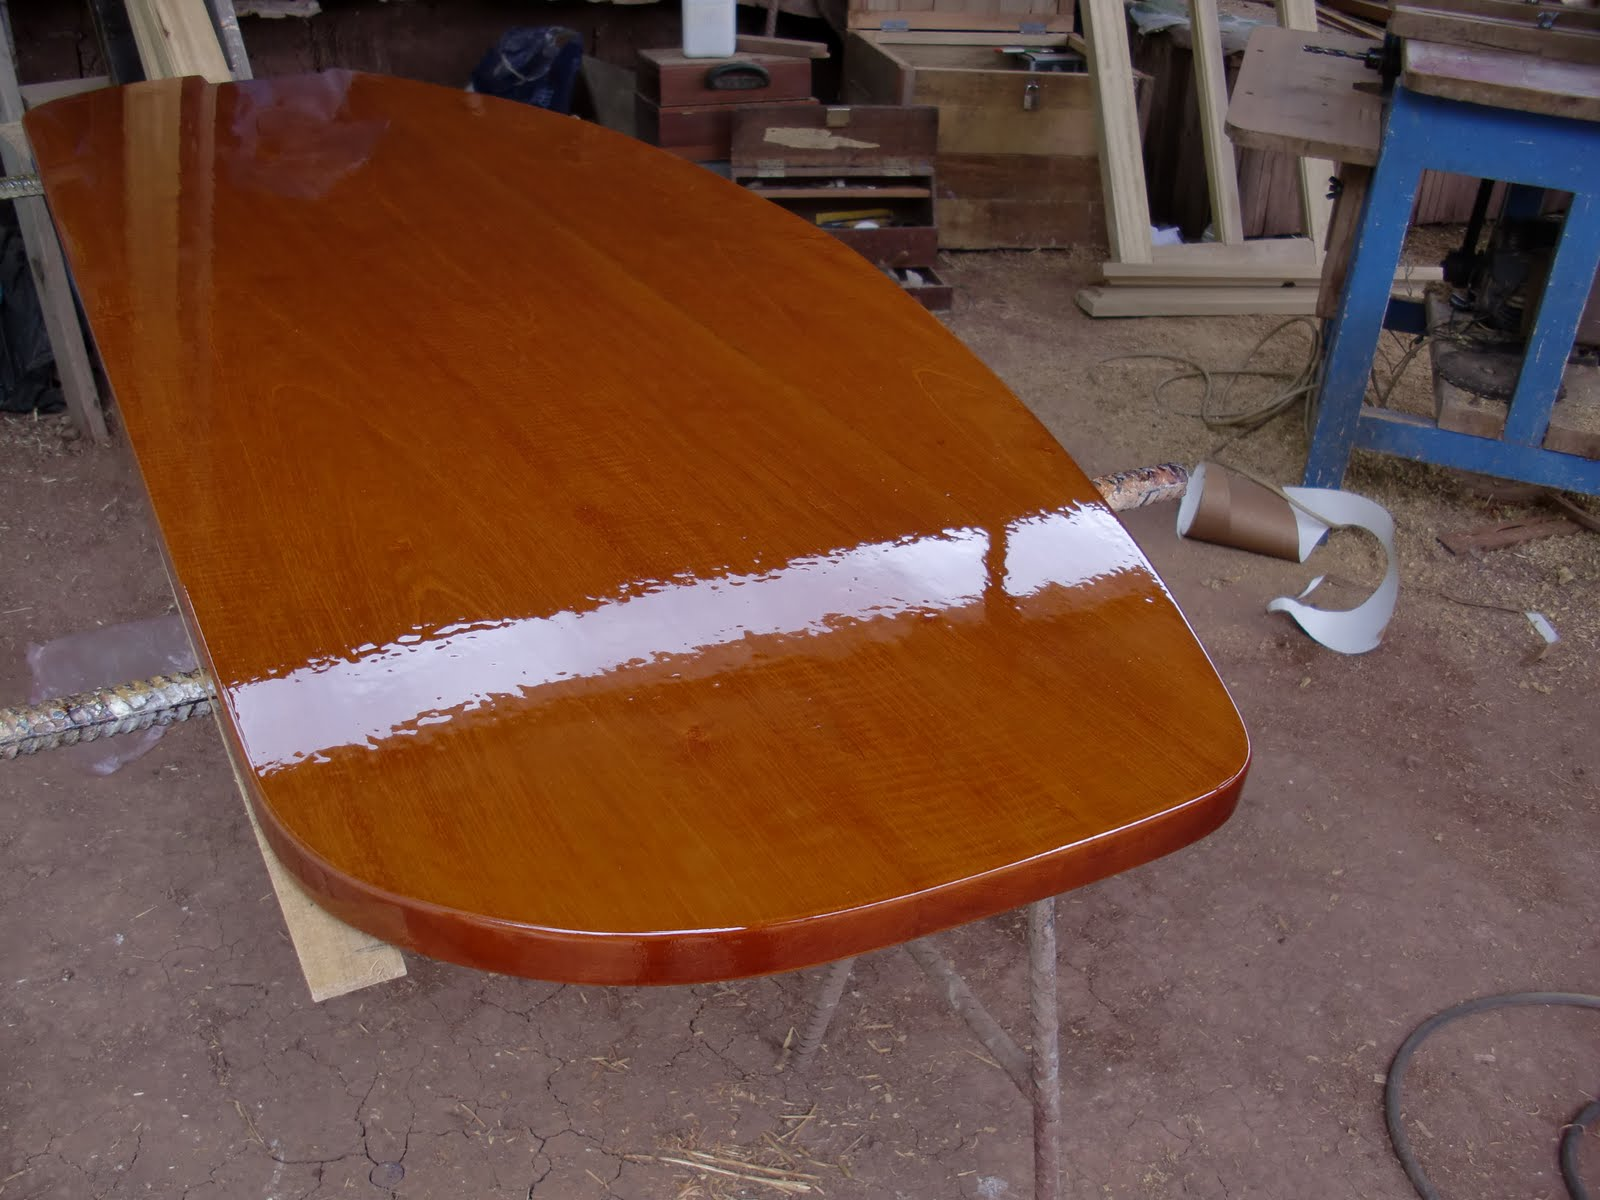 Decoraciones manualidades en madera como barnizar la - Como barnizar madera ...